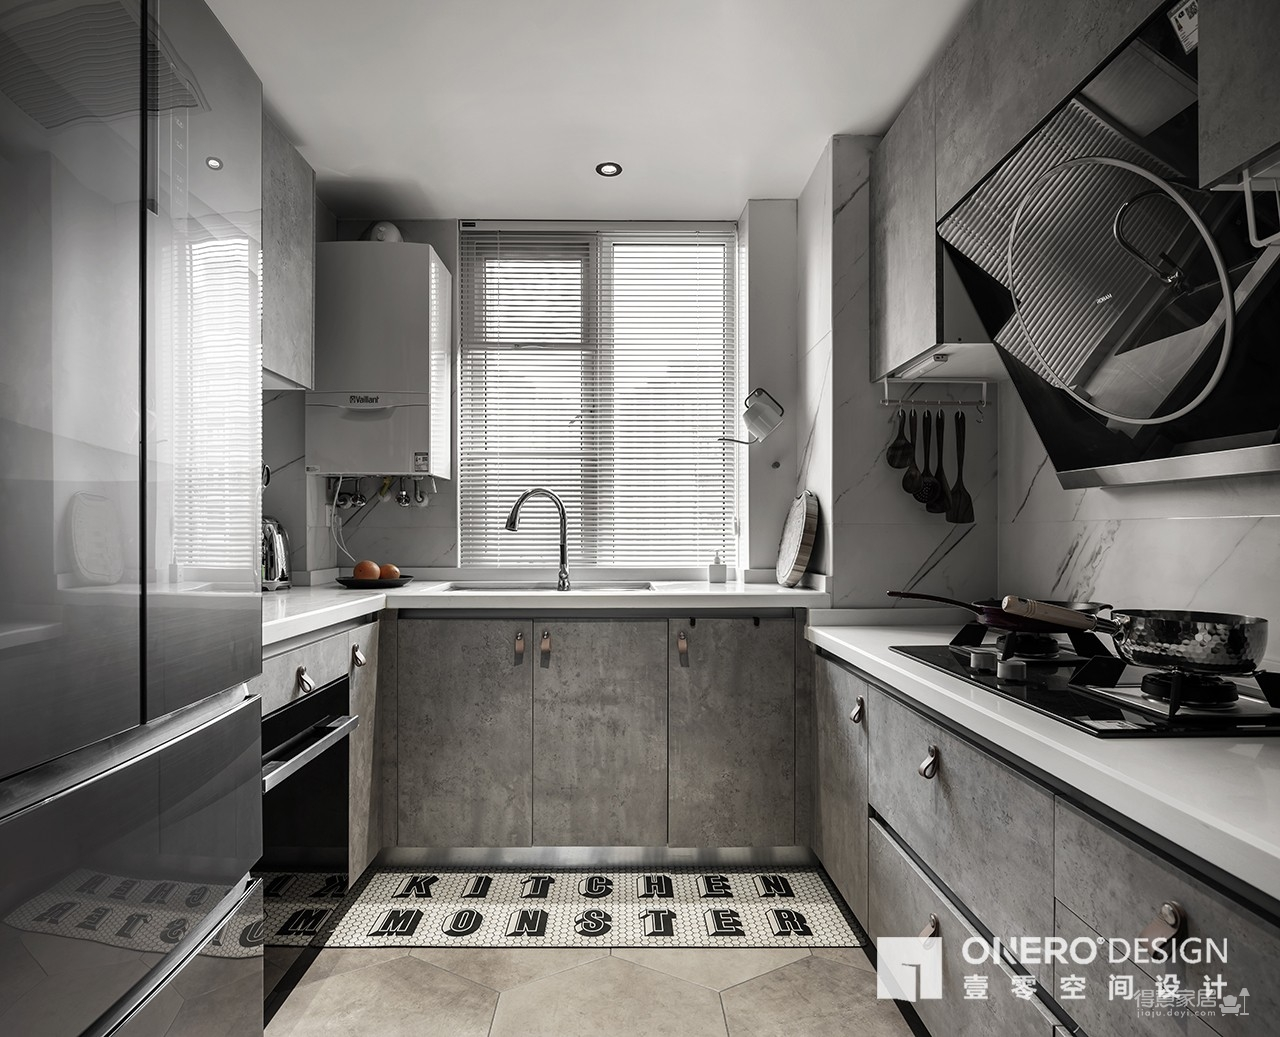 Onero Design | 喜欢的都揉进来,谈风格?不存在的。图_9